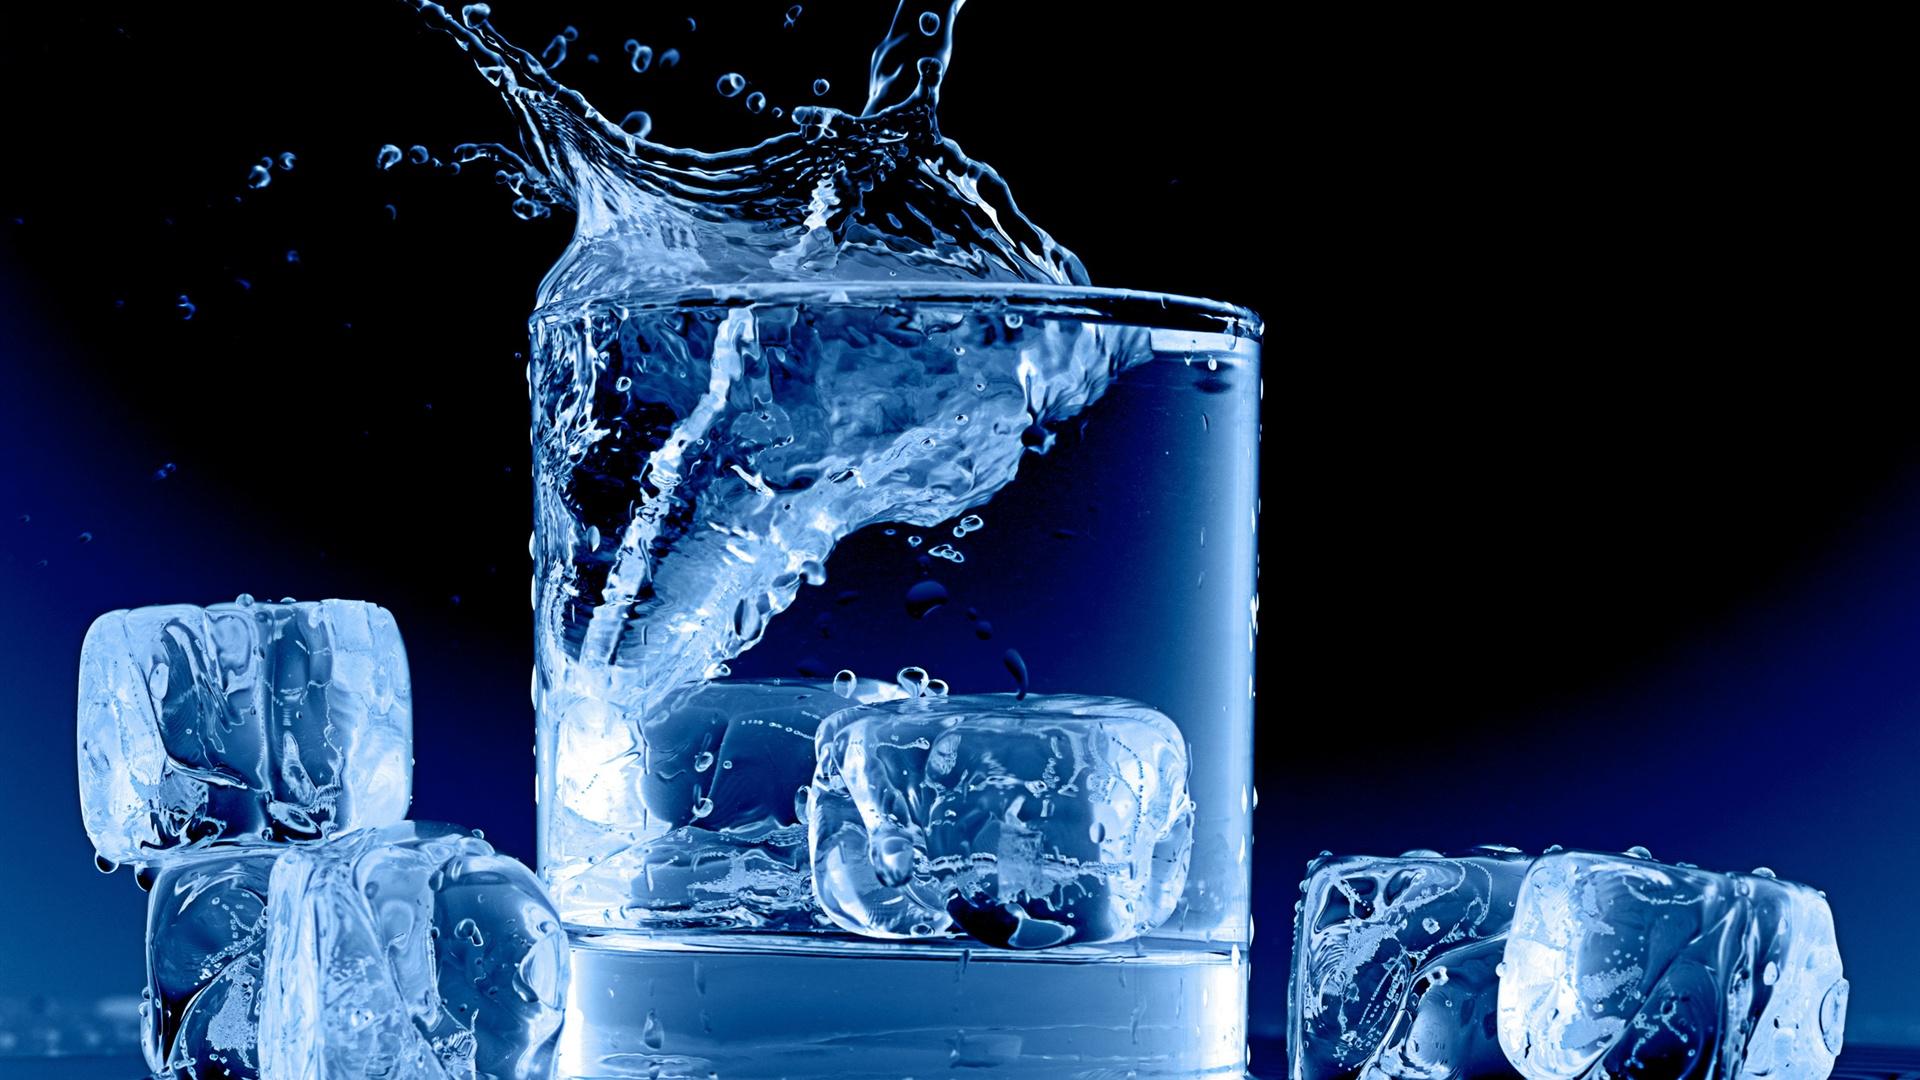 あなたの冷蔵庫の氷は大丈夫?意外と知られていない氷のアレコレのサムネイル画像